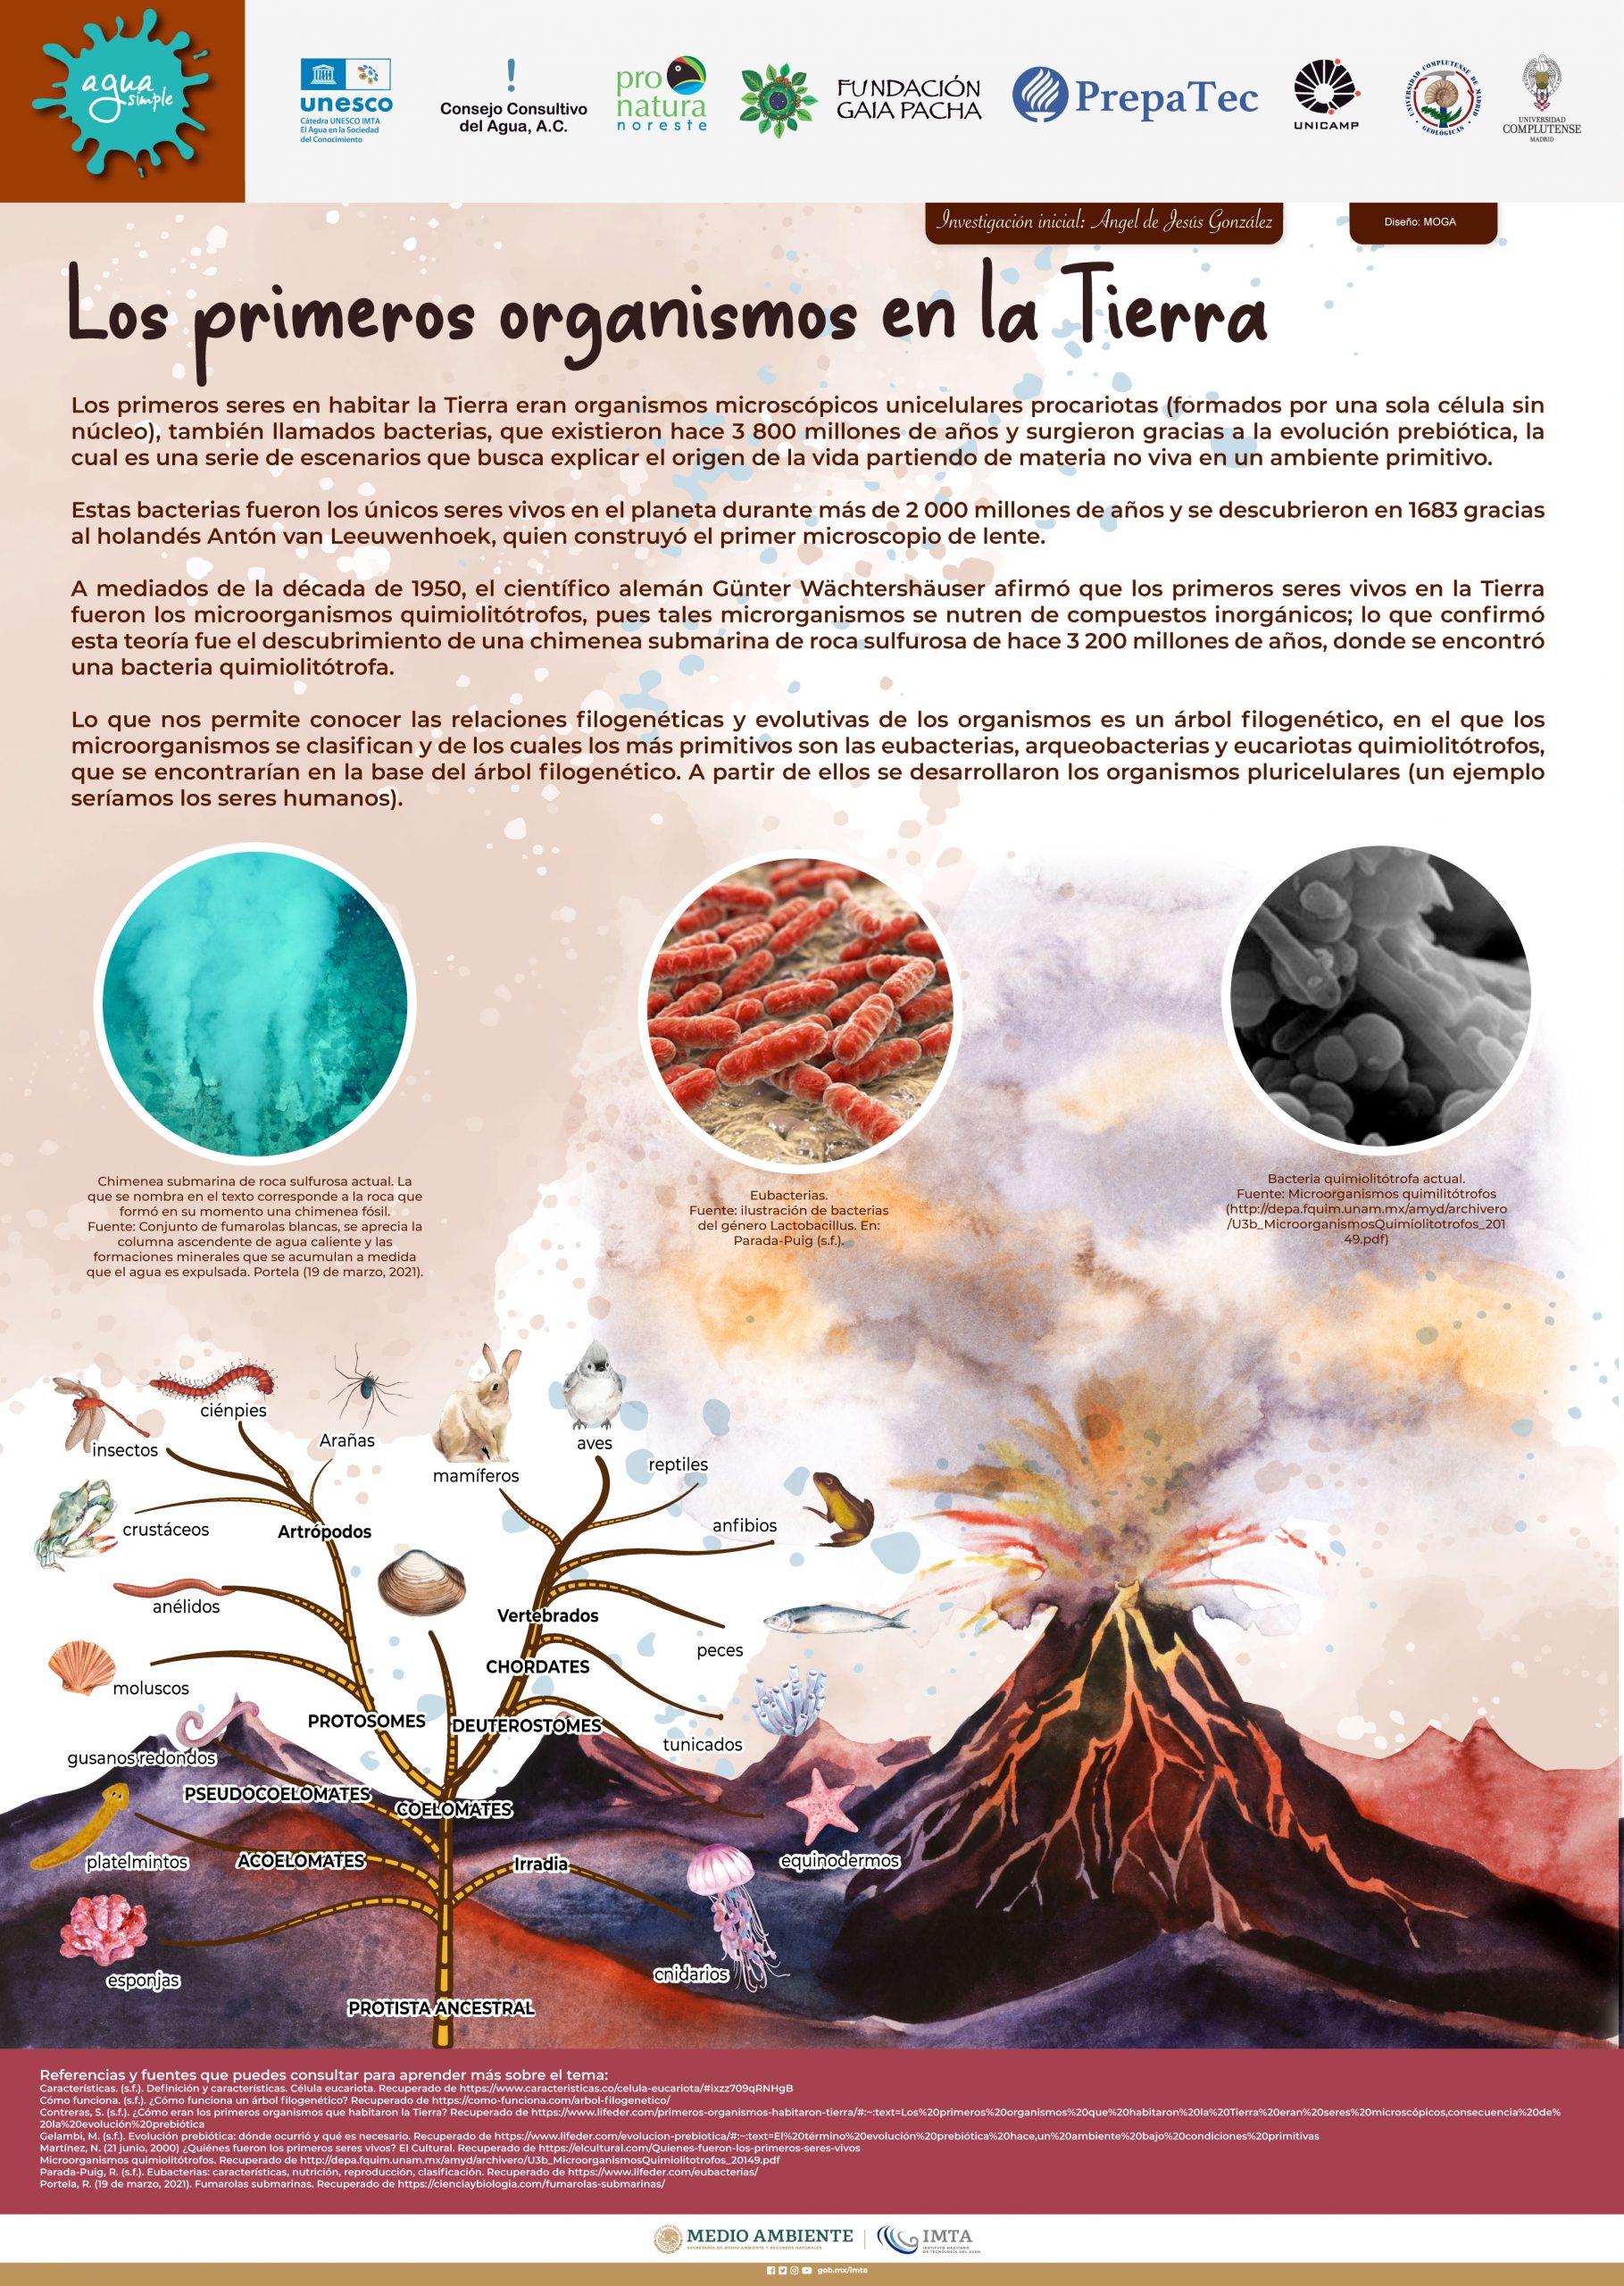 Los primeros organismos en la Tierra